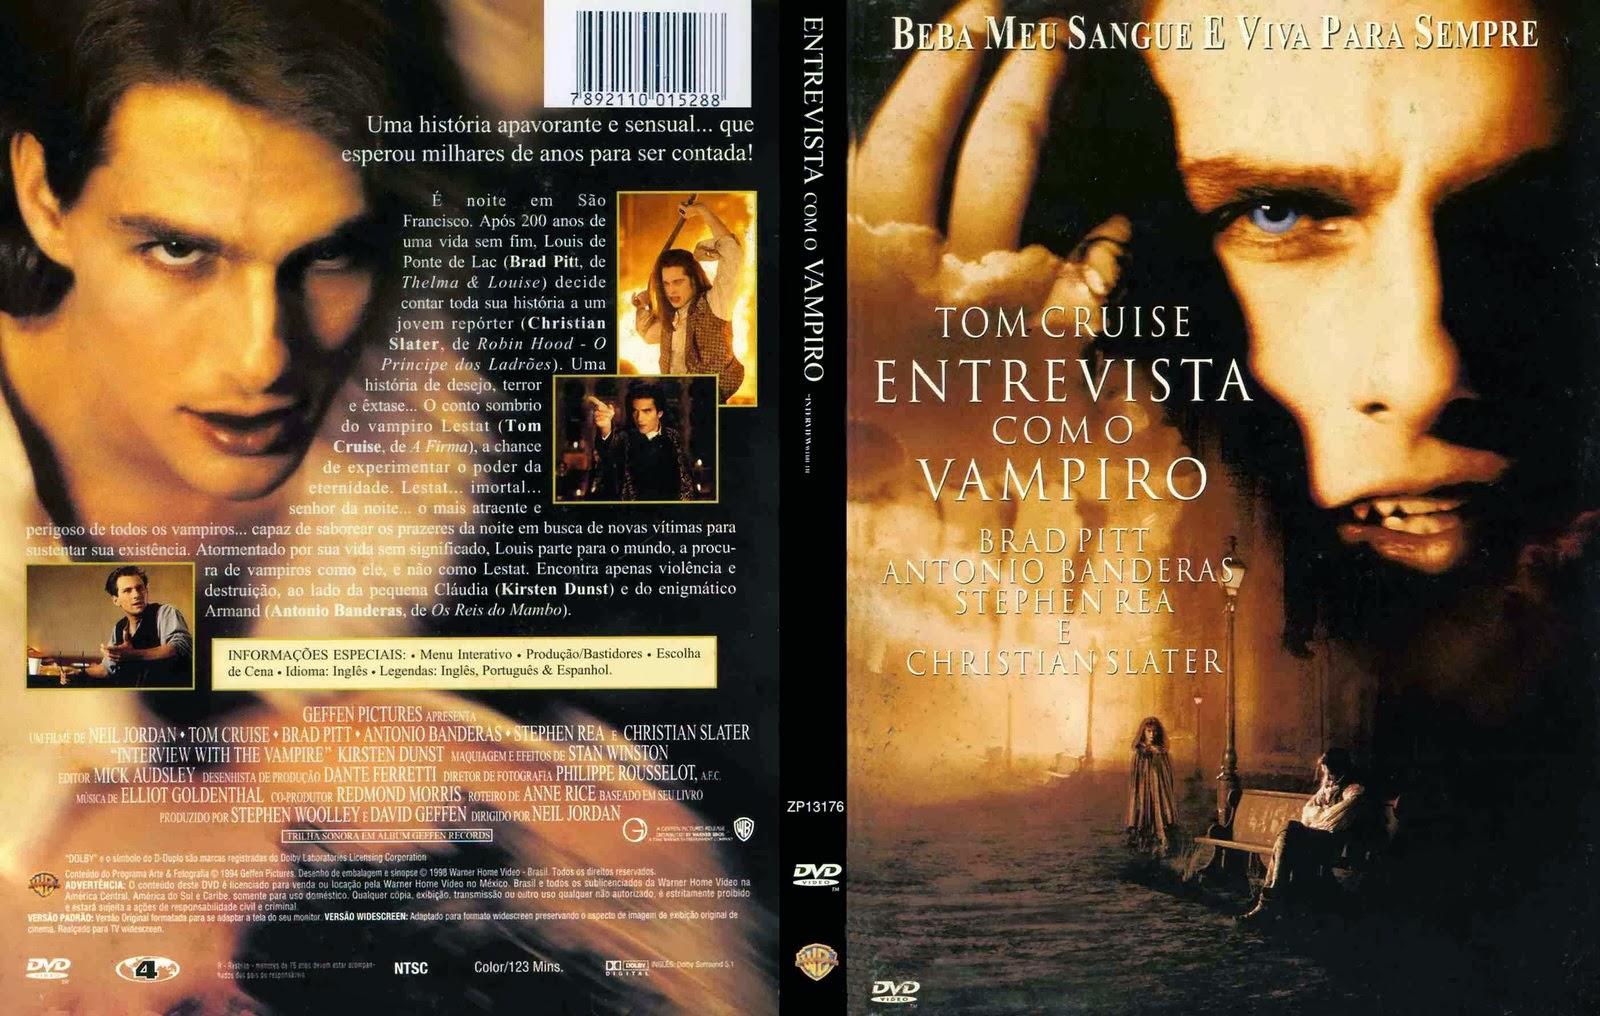 Filme Entrevista com o Vampiro DVD Capa